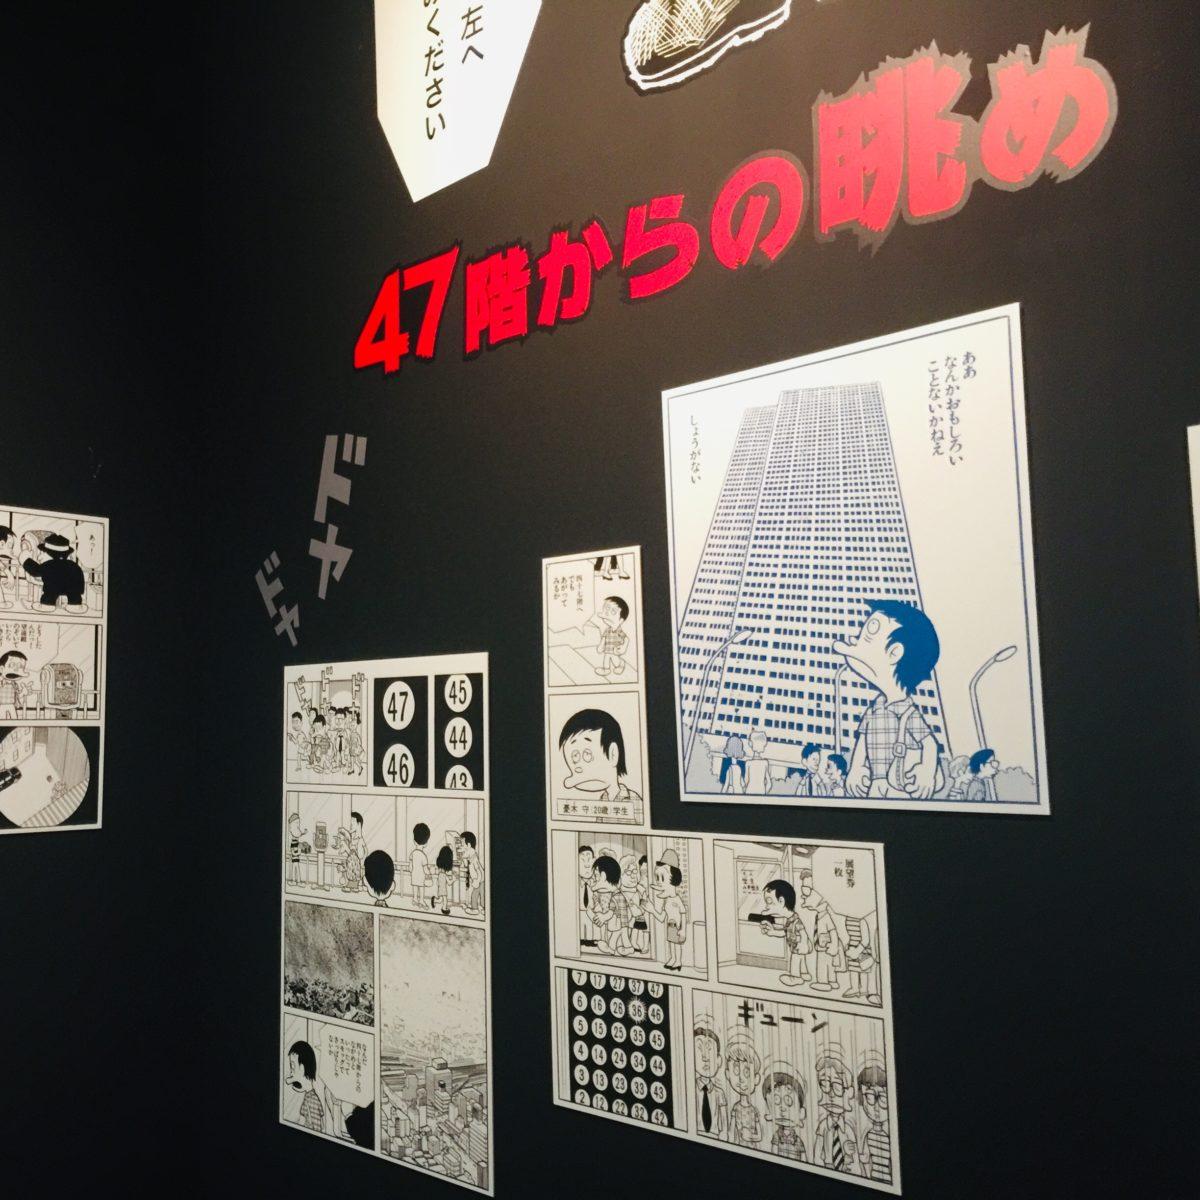 「藤子不二雄Ⓐ展」での47階からの眺め その1